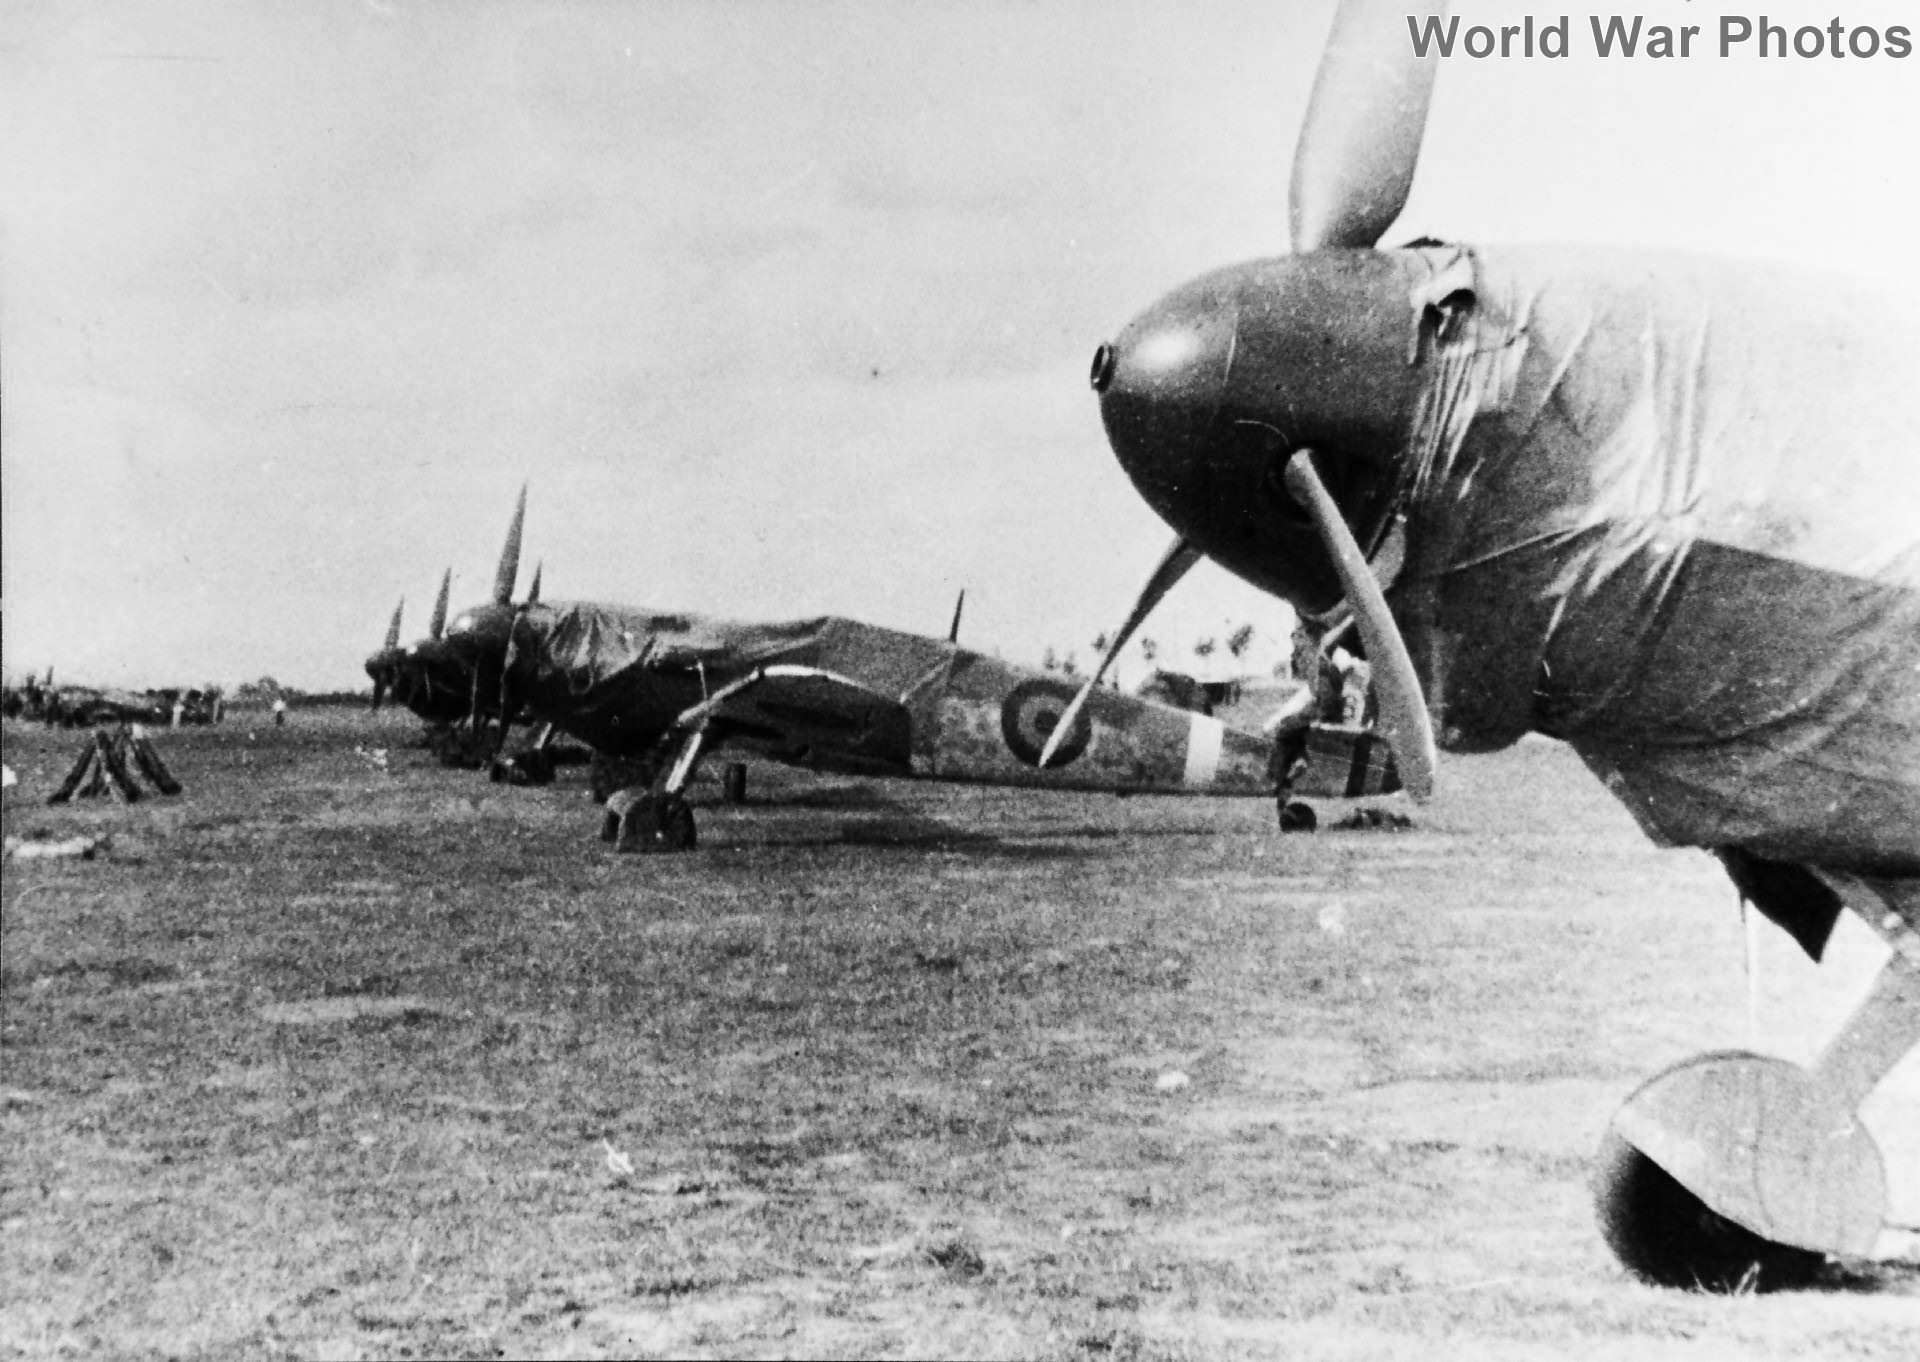 Romanian_Bf109.jpg